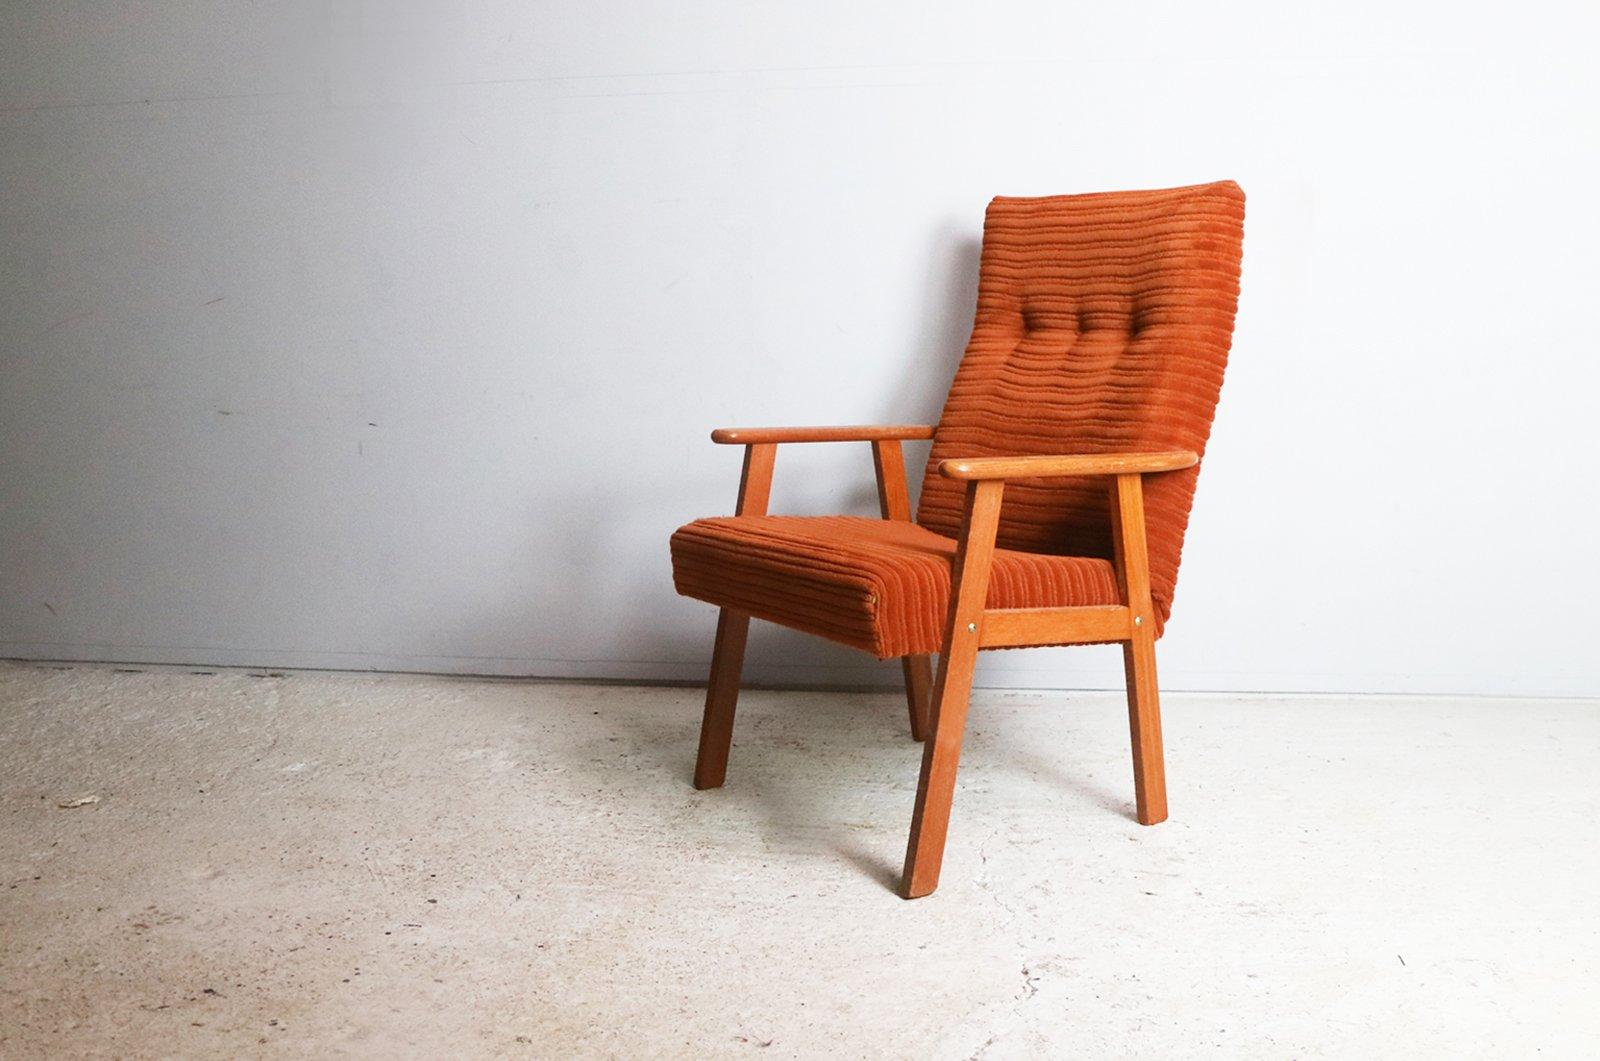 Dänischer Mid-Century Stuhl mit hoher Rückenlehne, 1960er